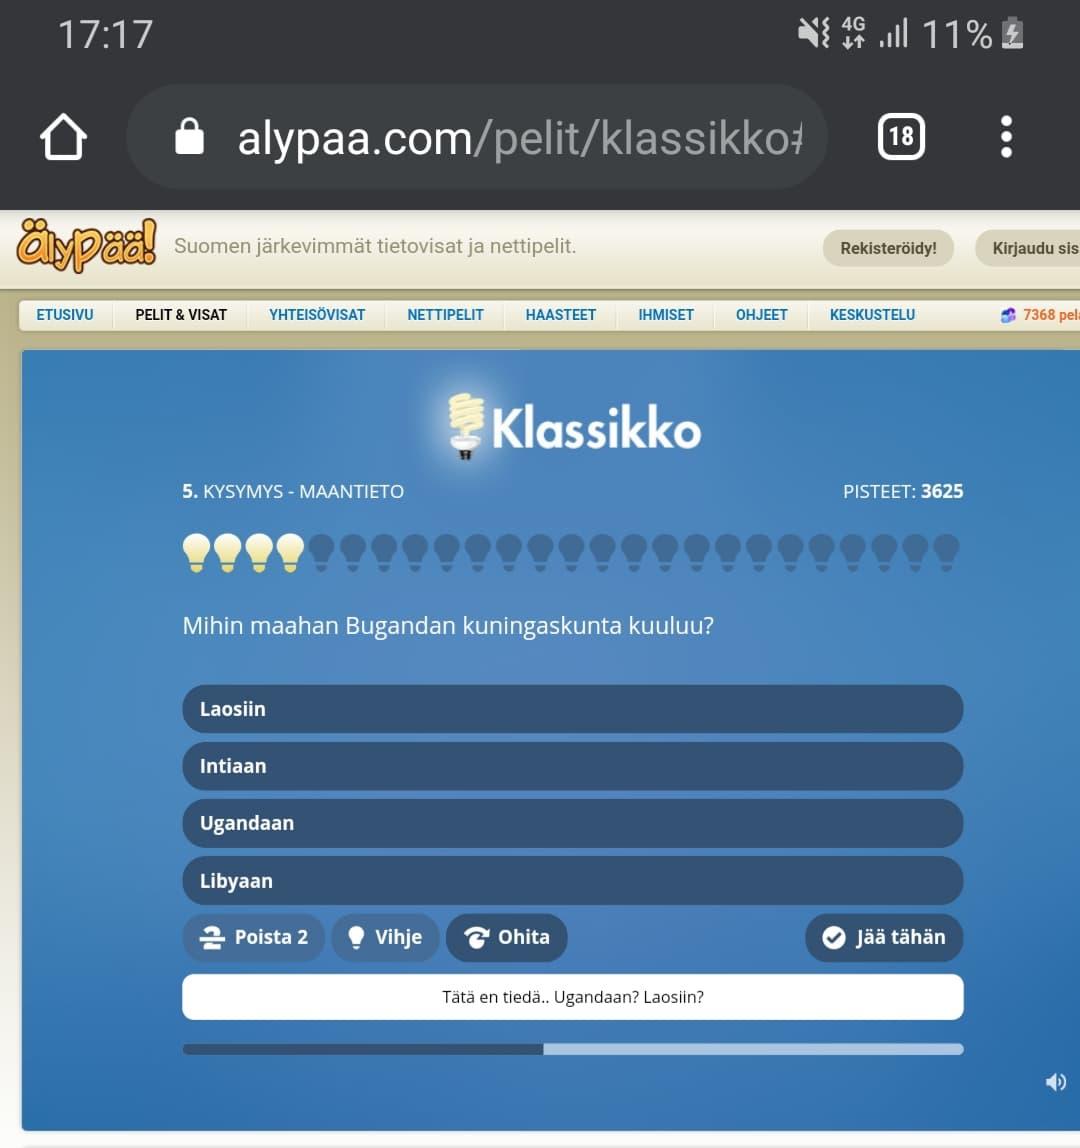 Älypää peli on yksi Suomen suosituimmista peleistä